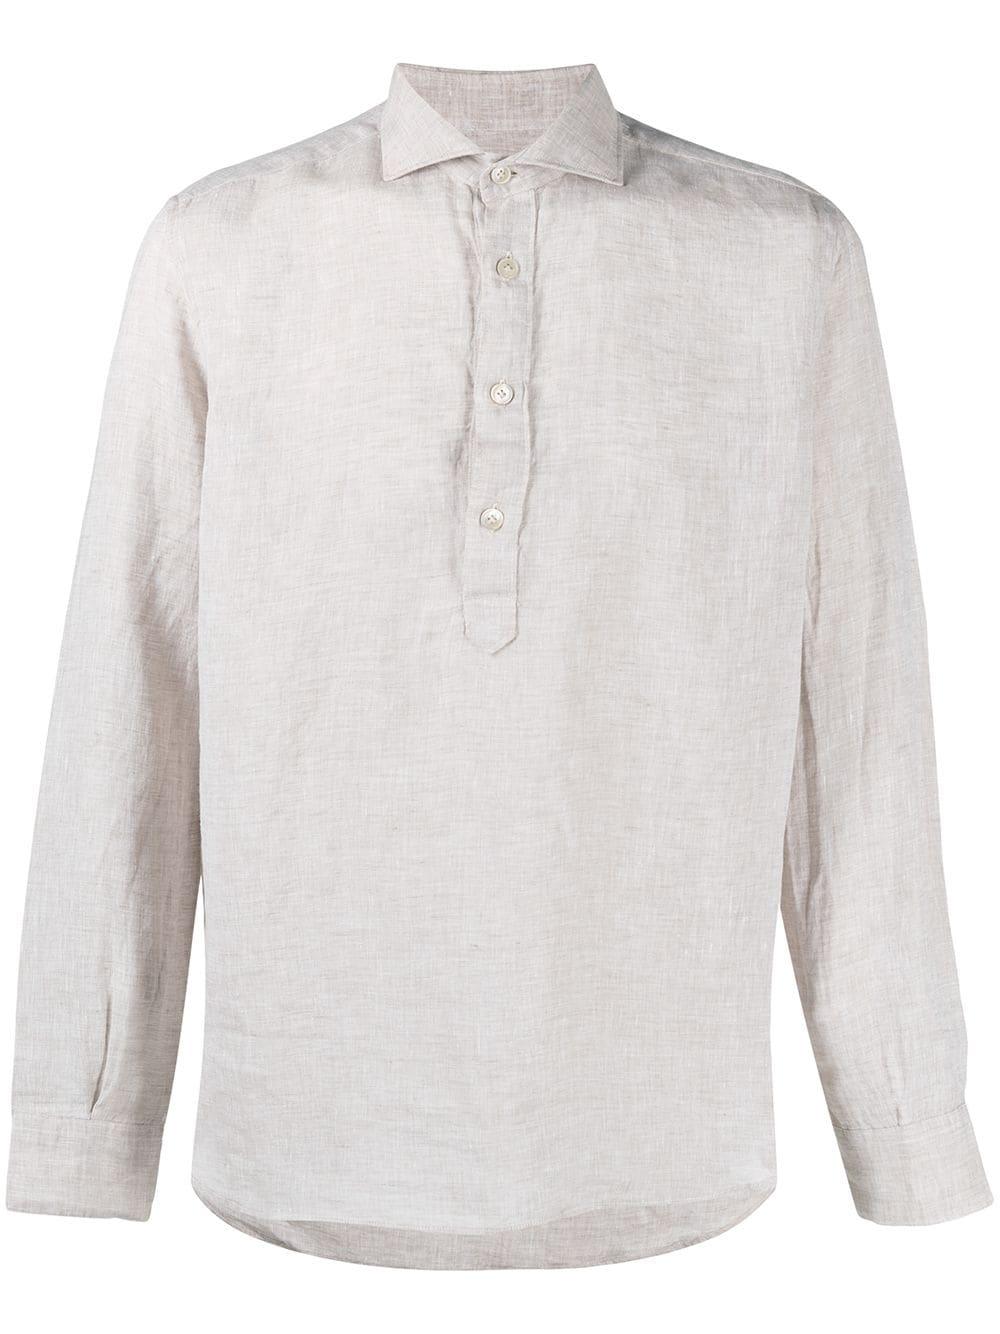 Sand linen Henley collar shirt  ELEVENTY |  | C75CAMC08-TES0A00102